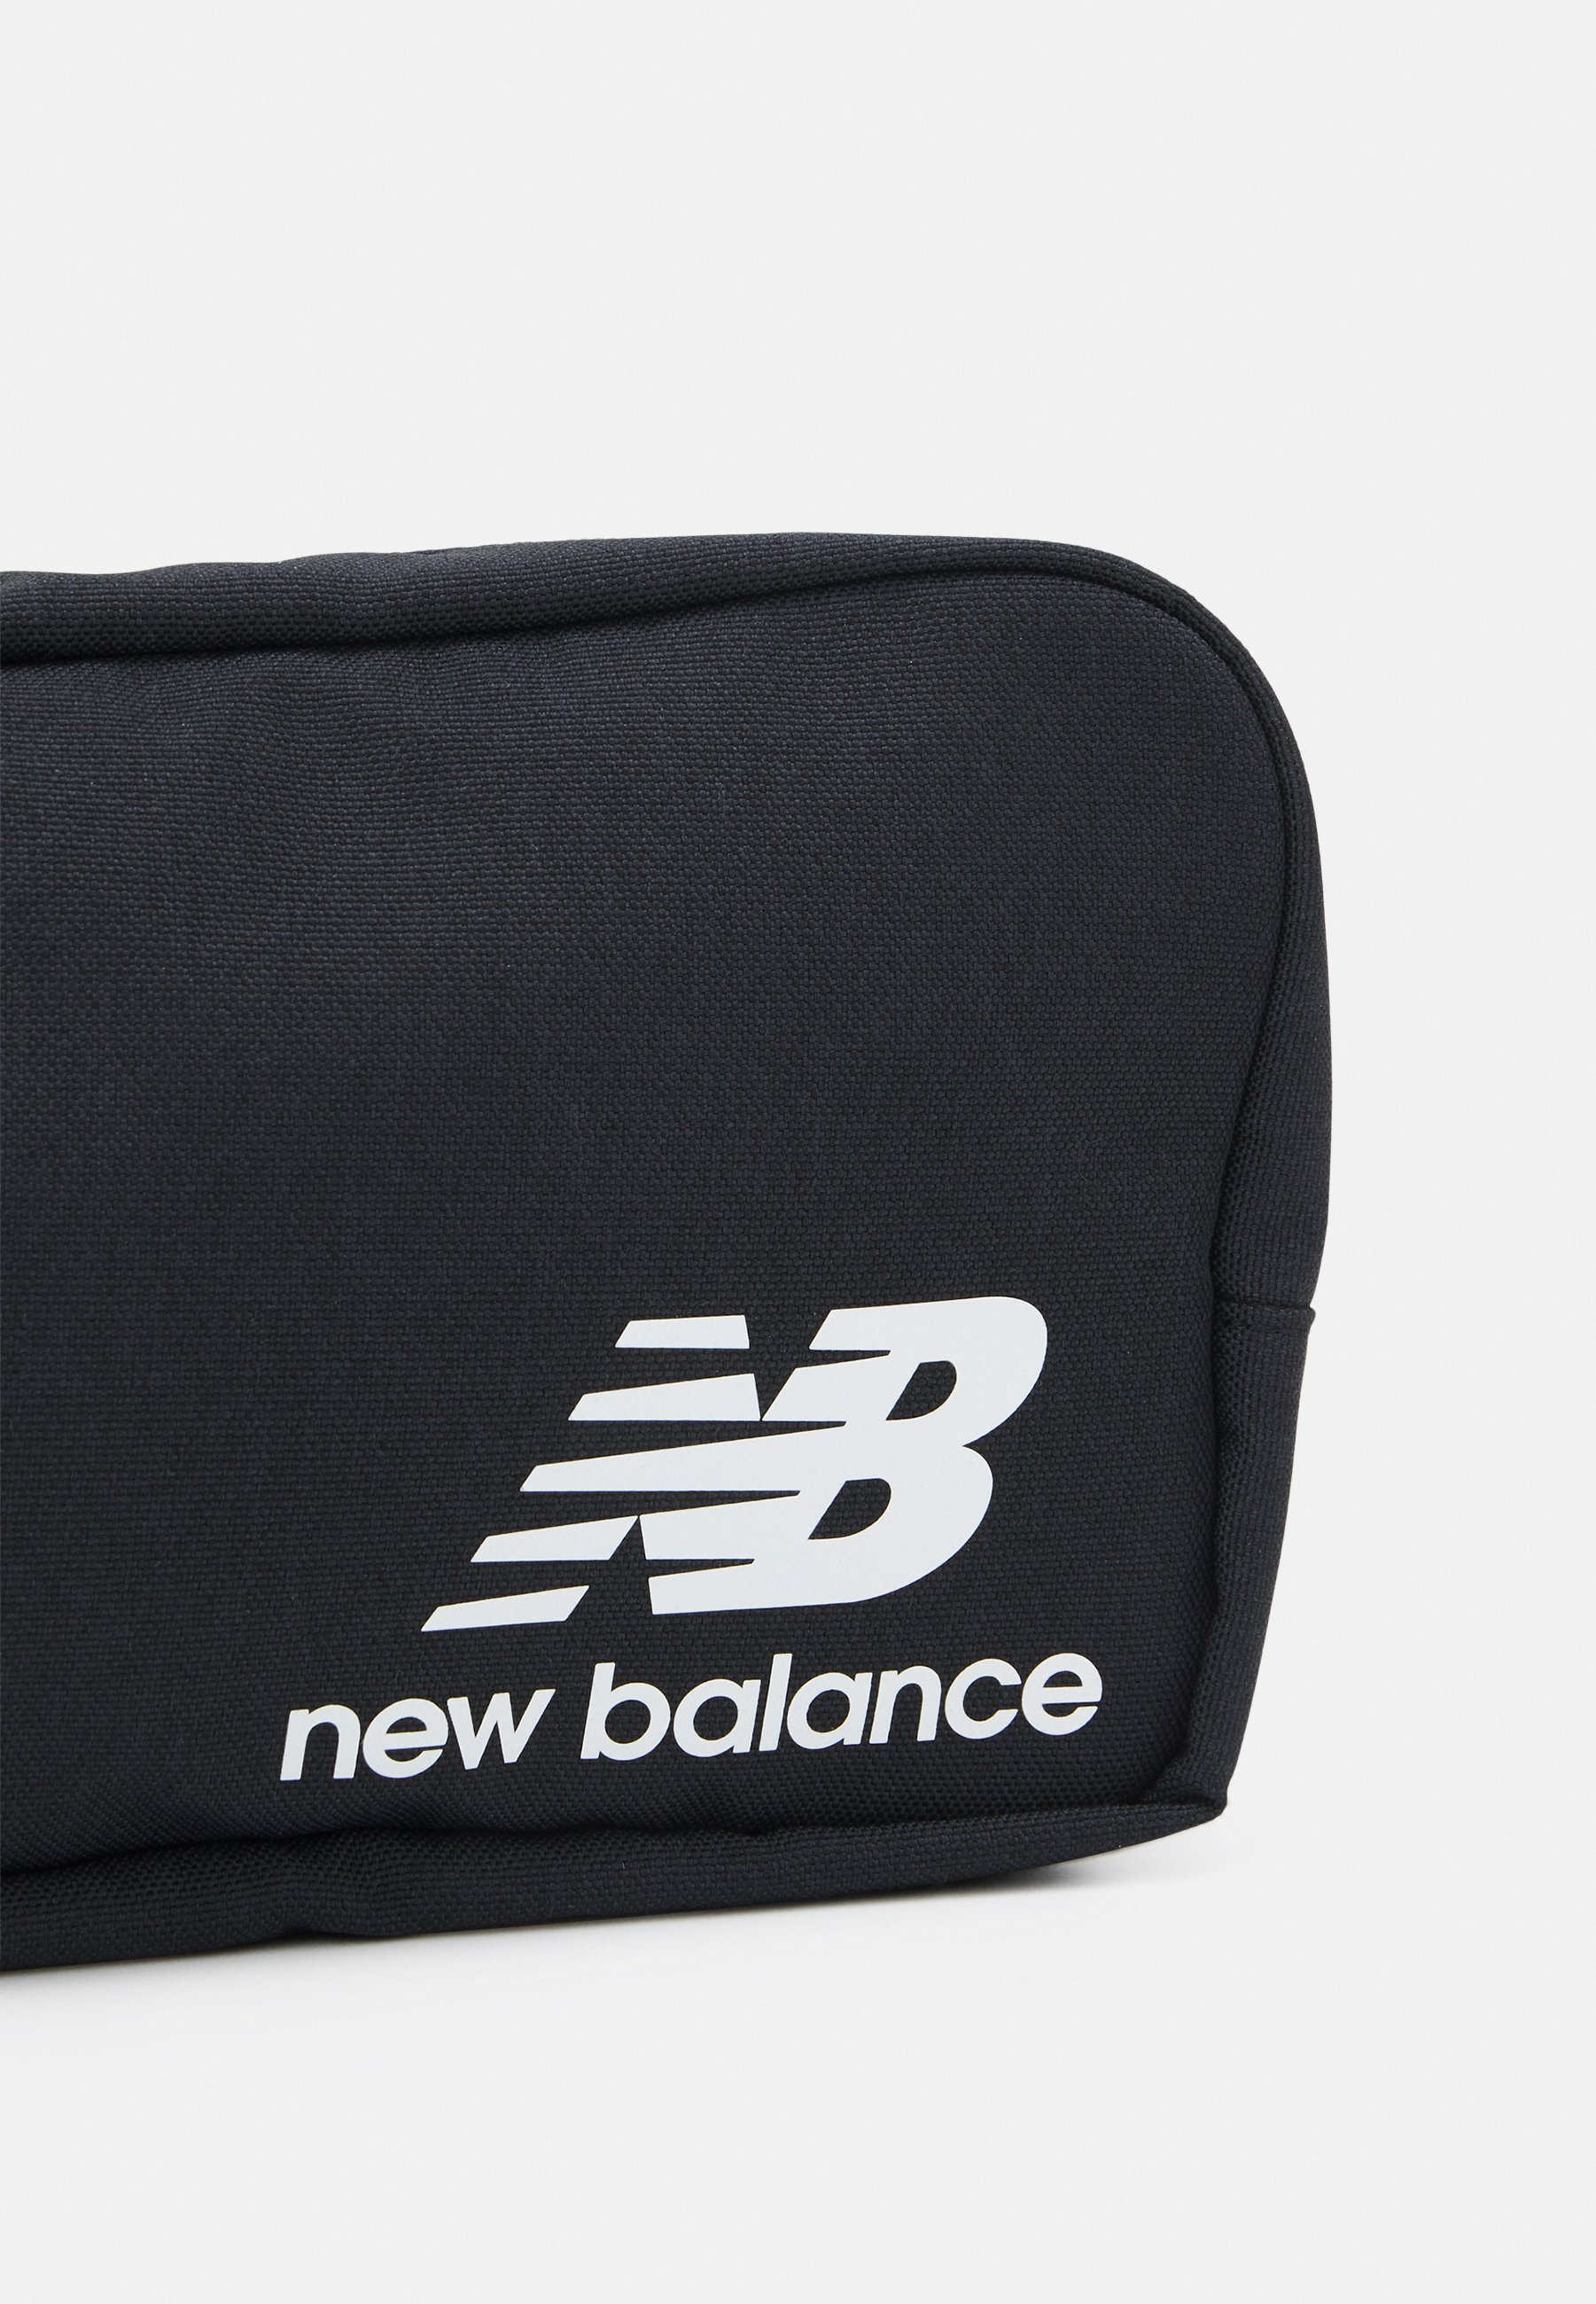 New Balance ATHLETICS TERRAIN TRAVEL BAG UNISEX - Trousse de ...